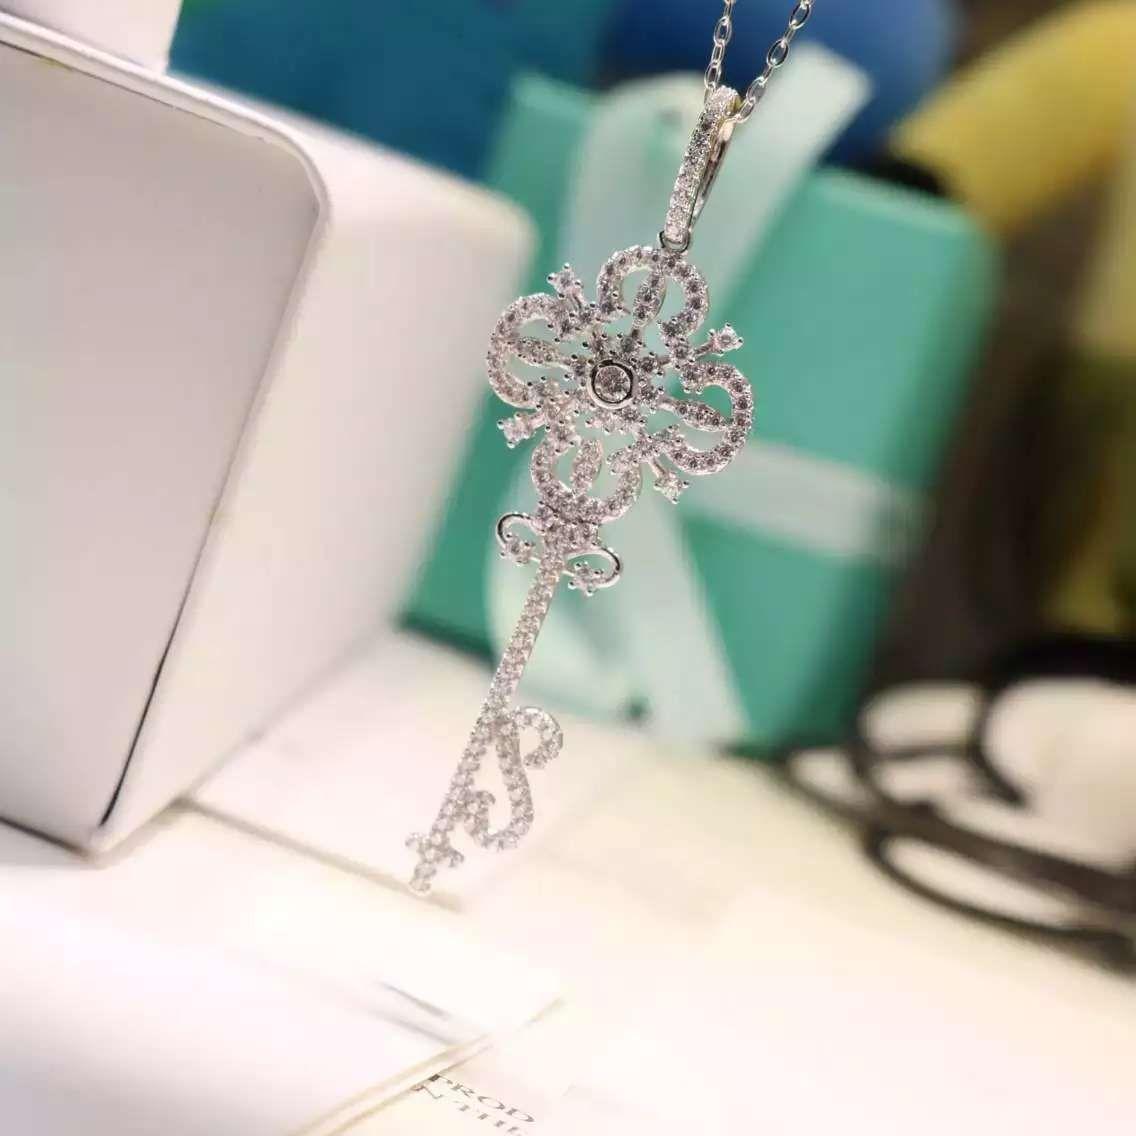 Tiffany jewelry id forsaleayybags buy handbags